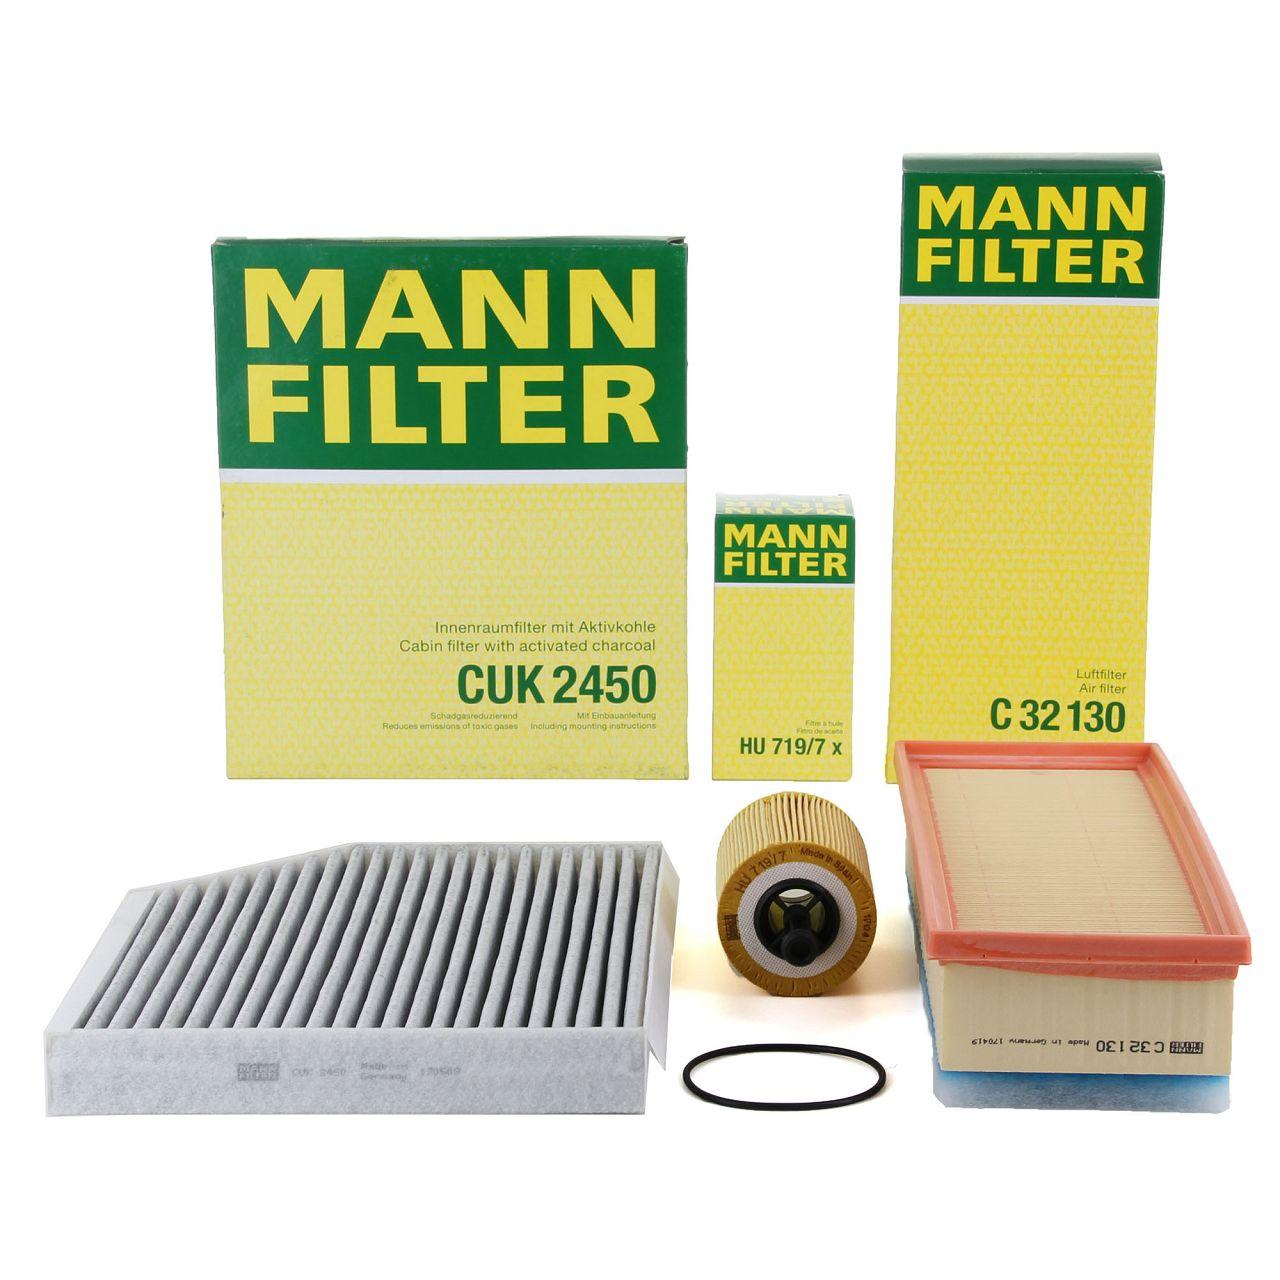 MANN Inspektionskit für AUDI A4 (8K B8) A5 (8T 8F) Q5 (8R) 2.0 TDI 120-177 PS